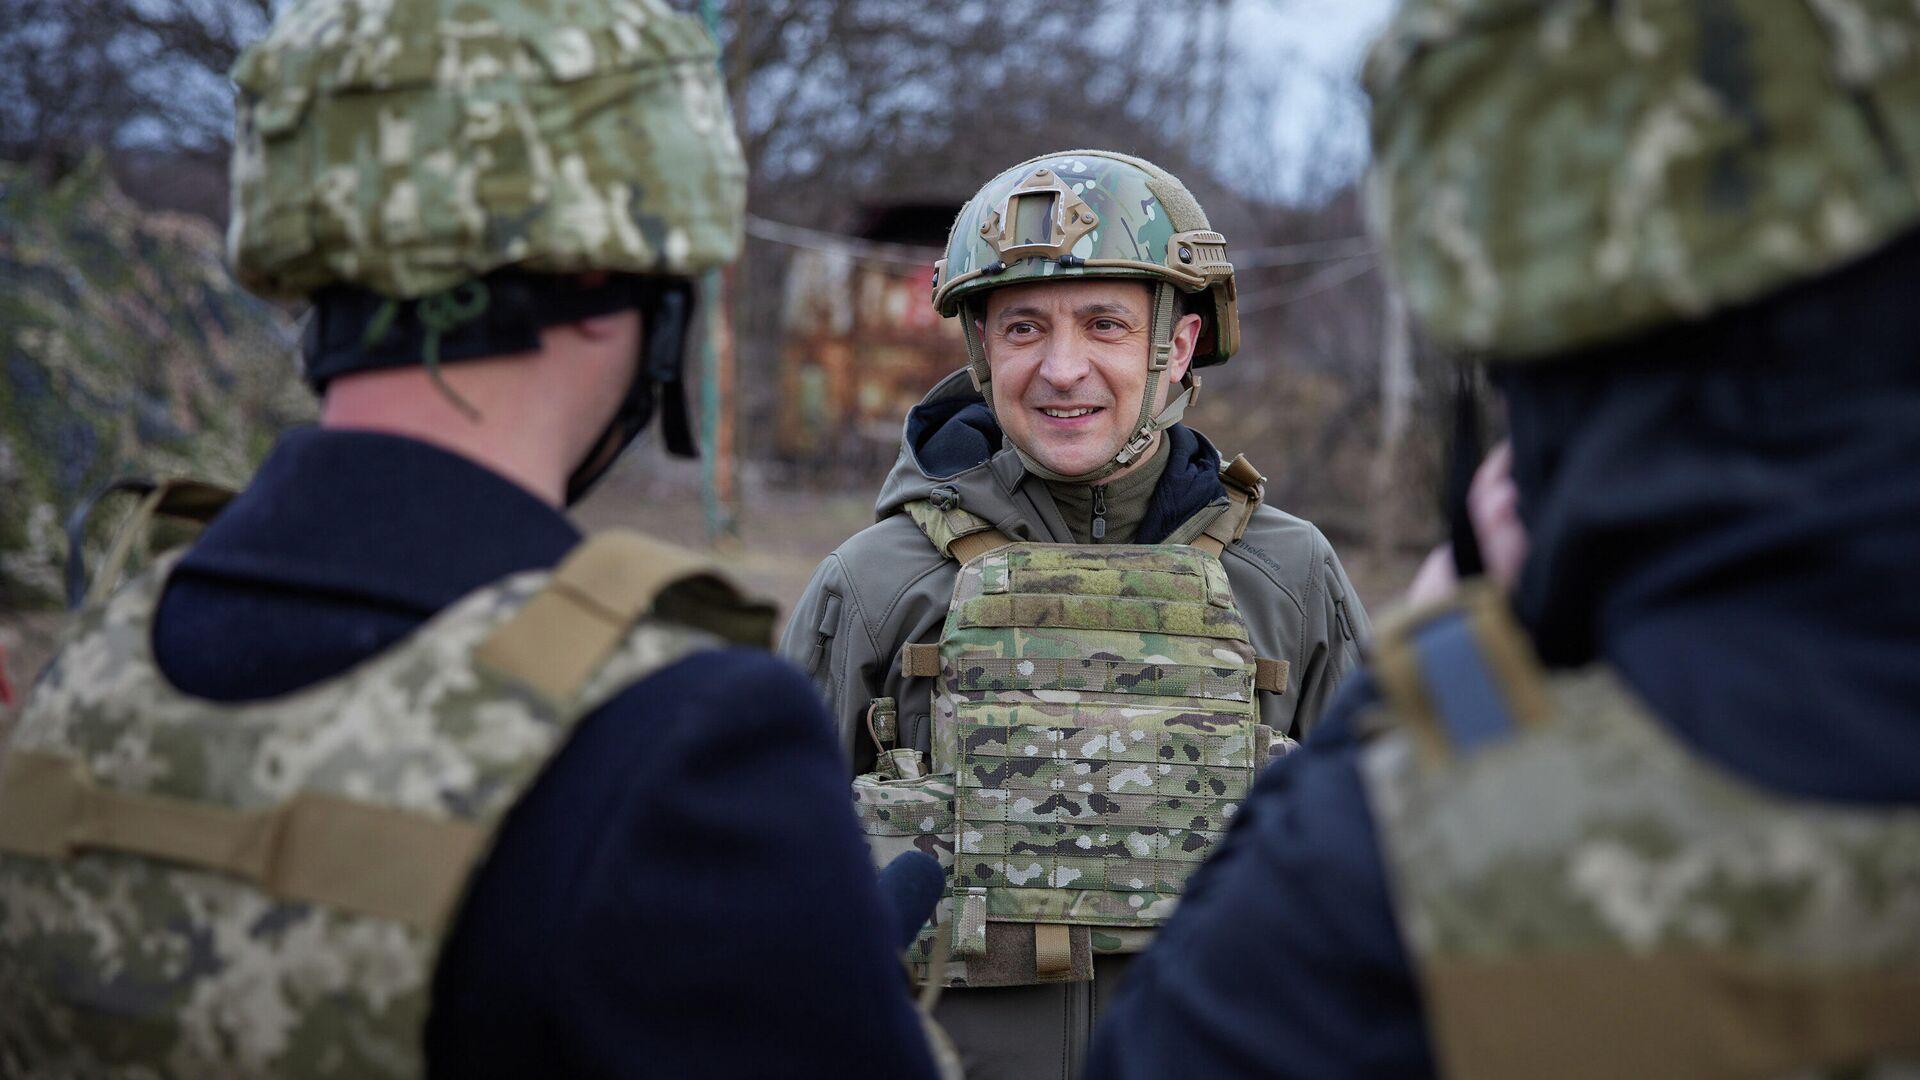 Президент Украины Владимир Зеленский во время посещения позиций украинских войск в Донбассе - РИА Новости, 1920, 05.05.2021